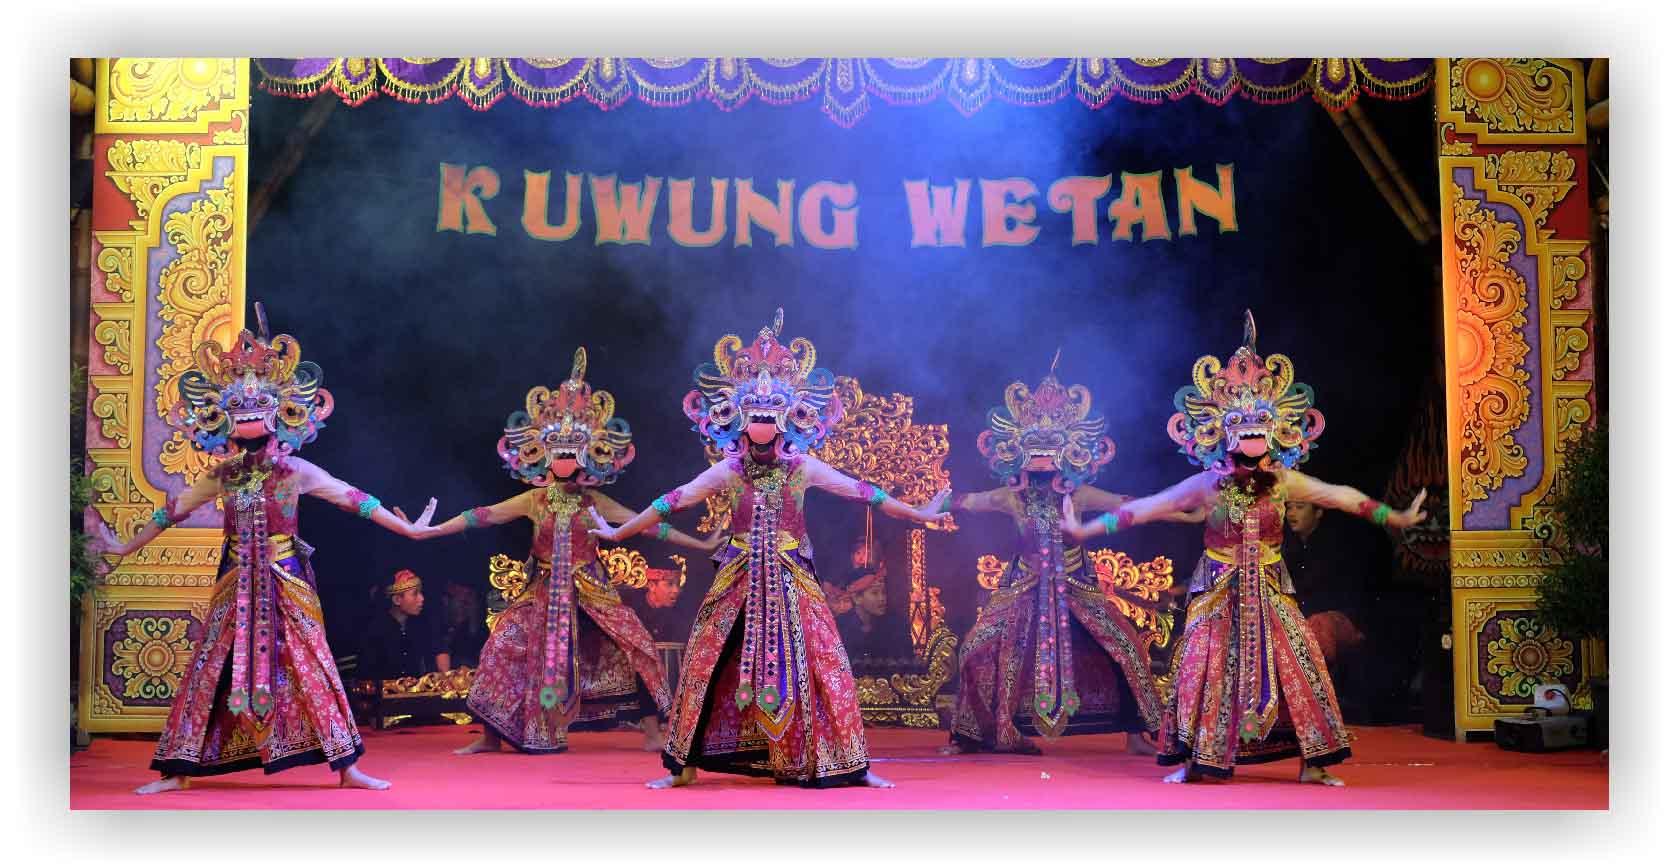 tarian Jaripah banyuwangi, kuwung wetan, wisata sejarah banyuwangi, www.tourbanyuwangi.com, 08113411712